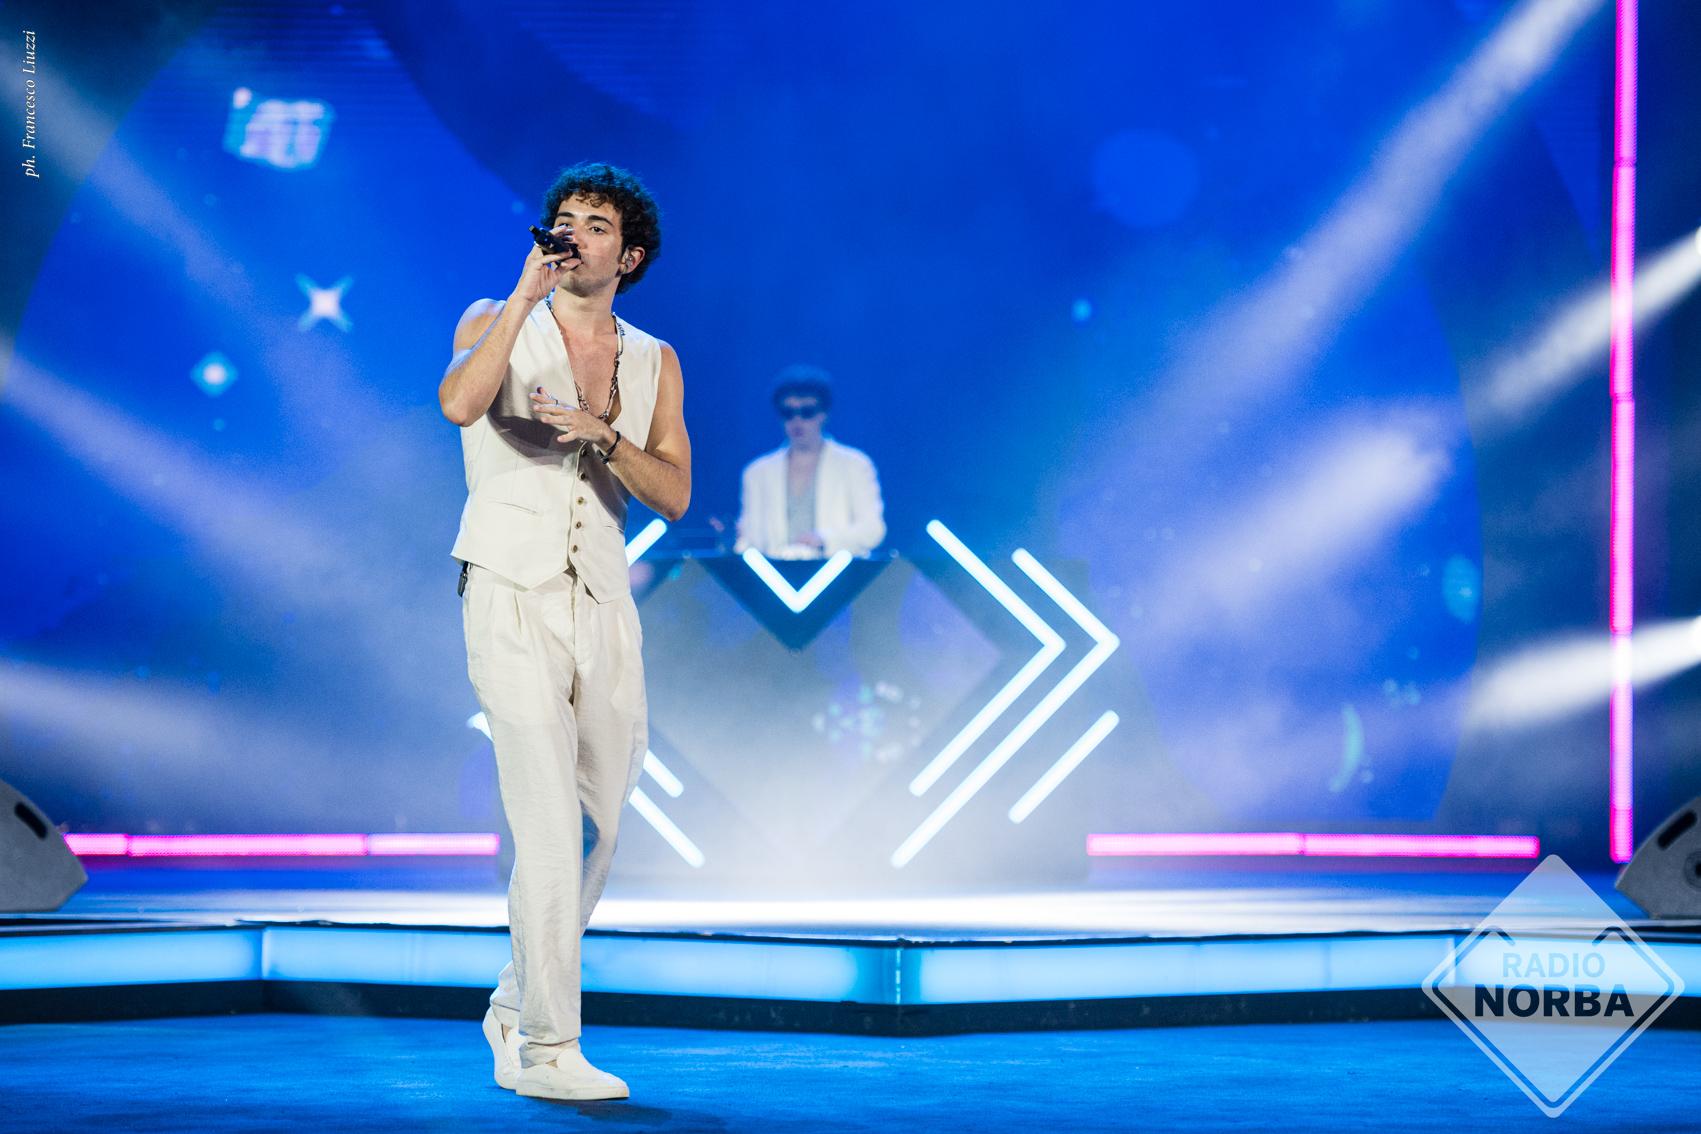 Live 20 luglio 2021 · Battiti Live 2021 secondo appuntamento. Condotto da Alan Palmieri con Elisabetta Gregoraci, in prime time su Italia1